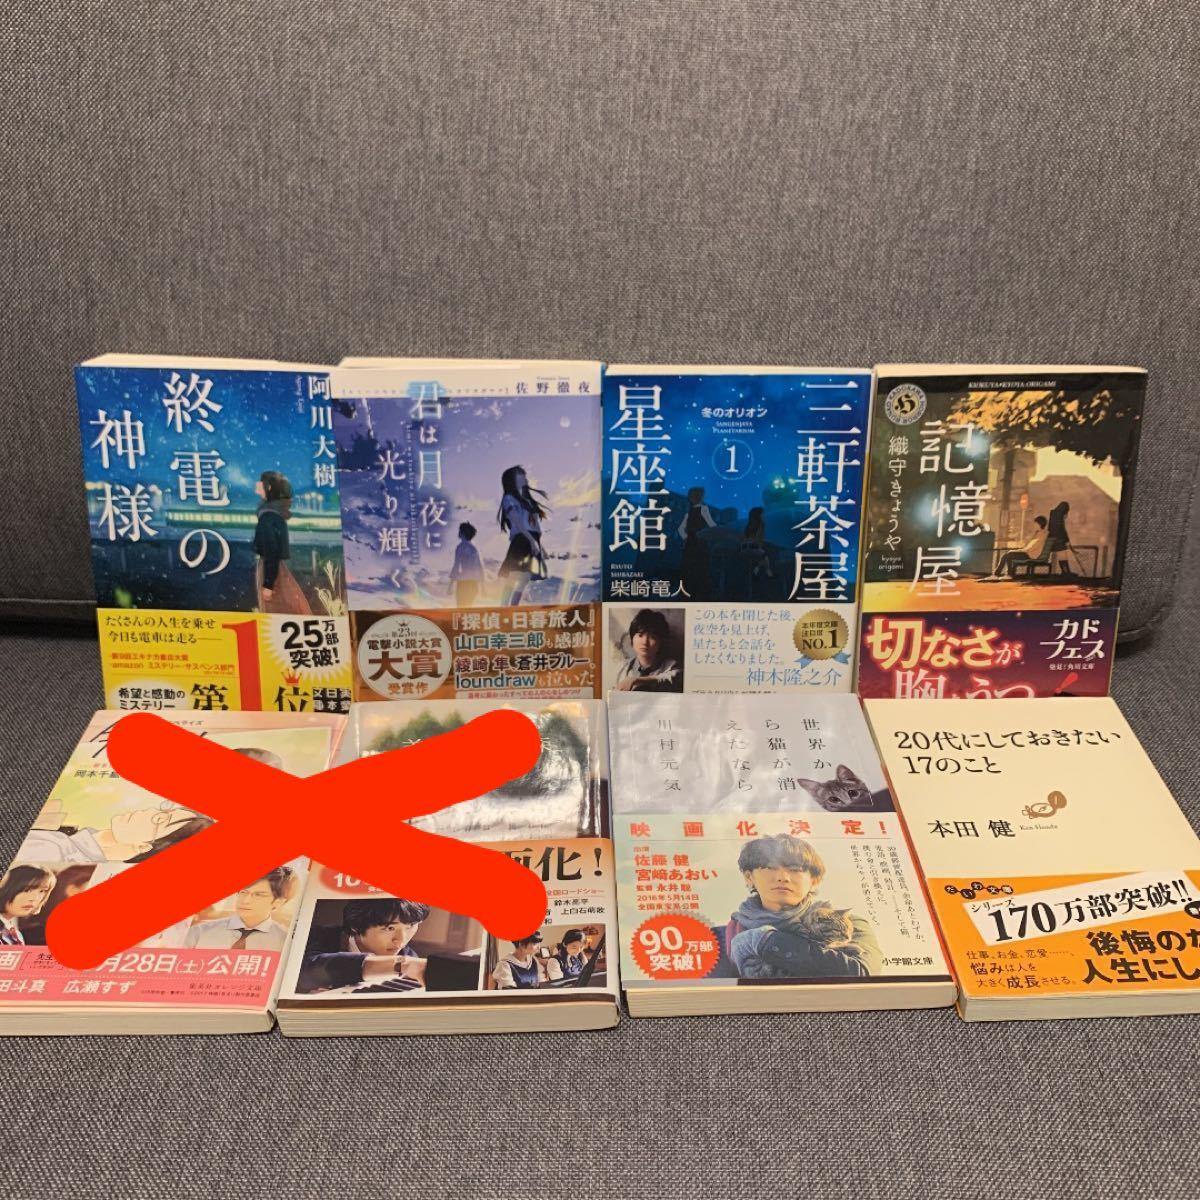 バラ売り可 お好きな小説2冊で400円 6冊 1200円